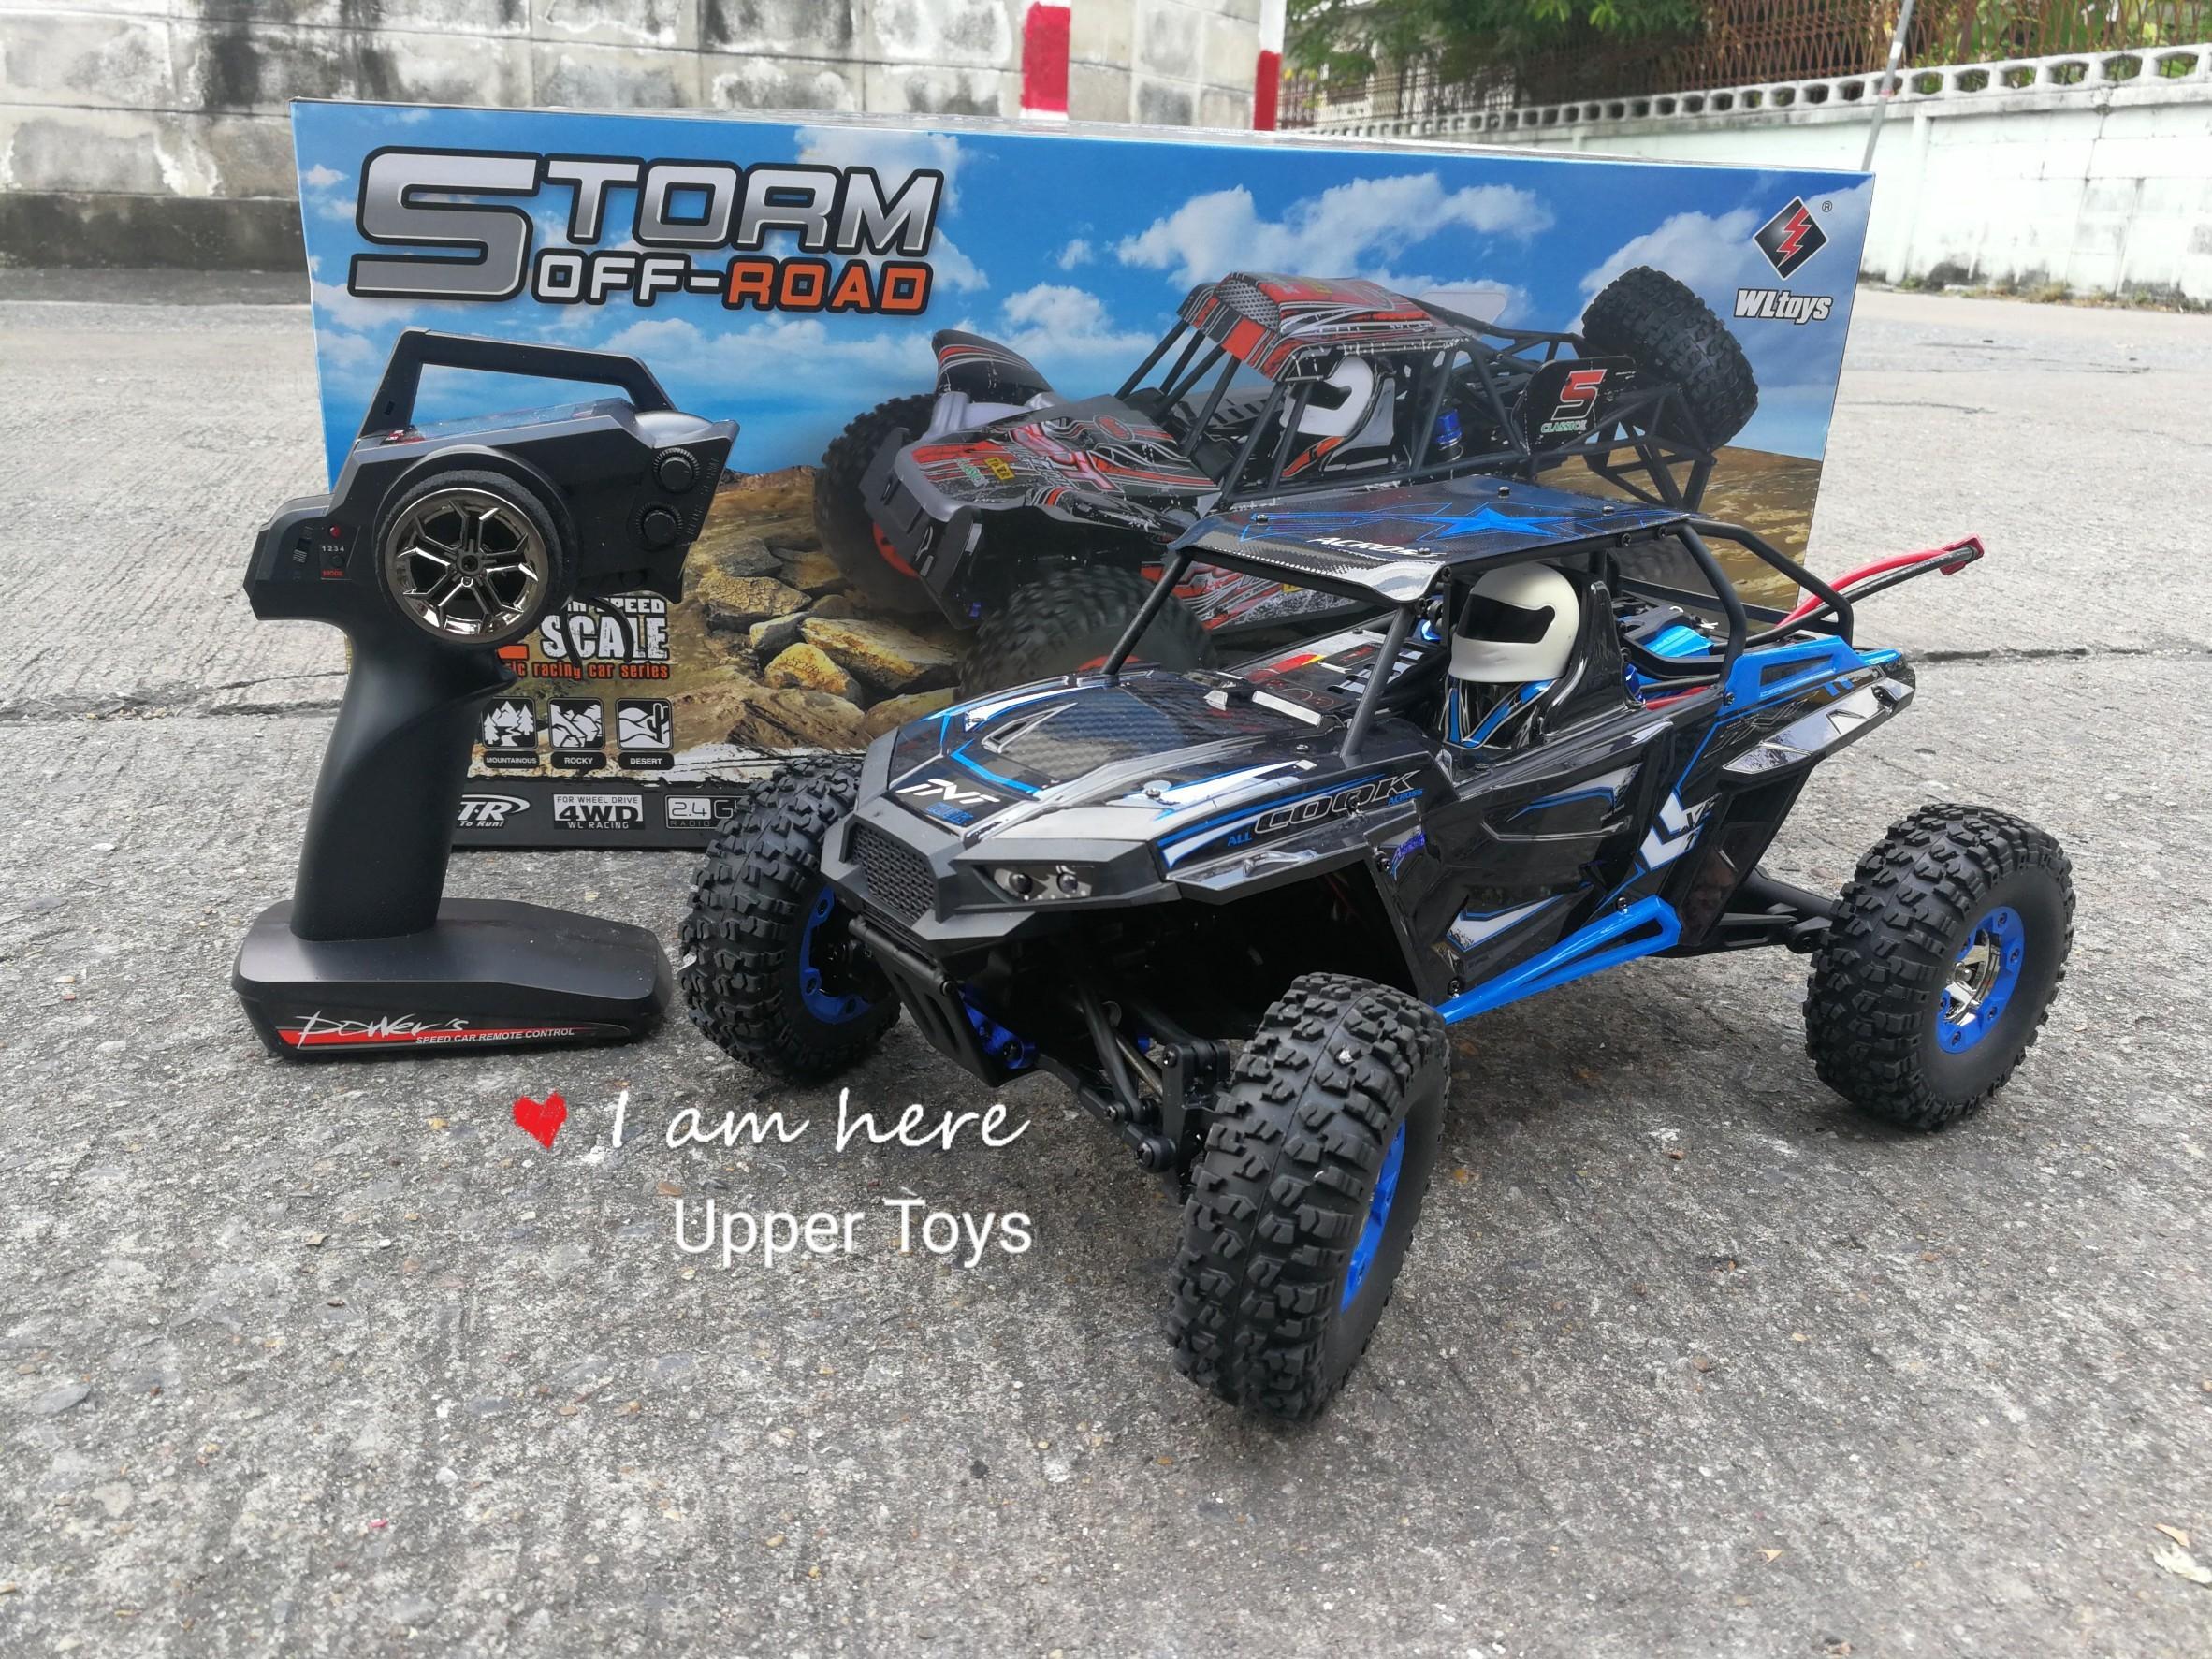 รถบังคับ WL toy Storm off Road 50km/h (รีโมทดิจิตอล) 1:12 สีแดง/ดำ